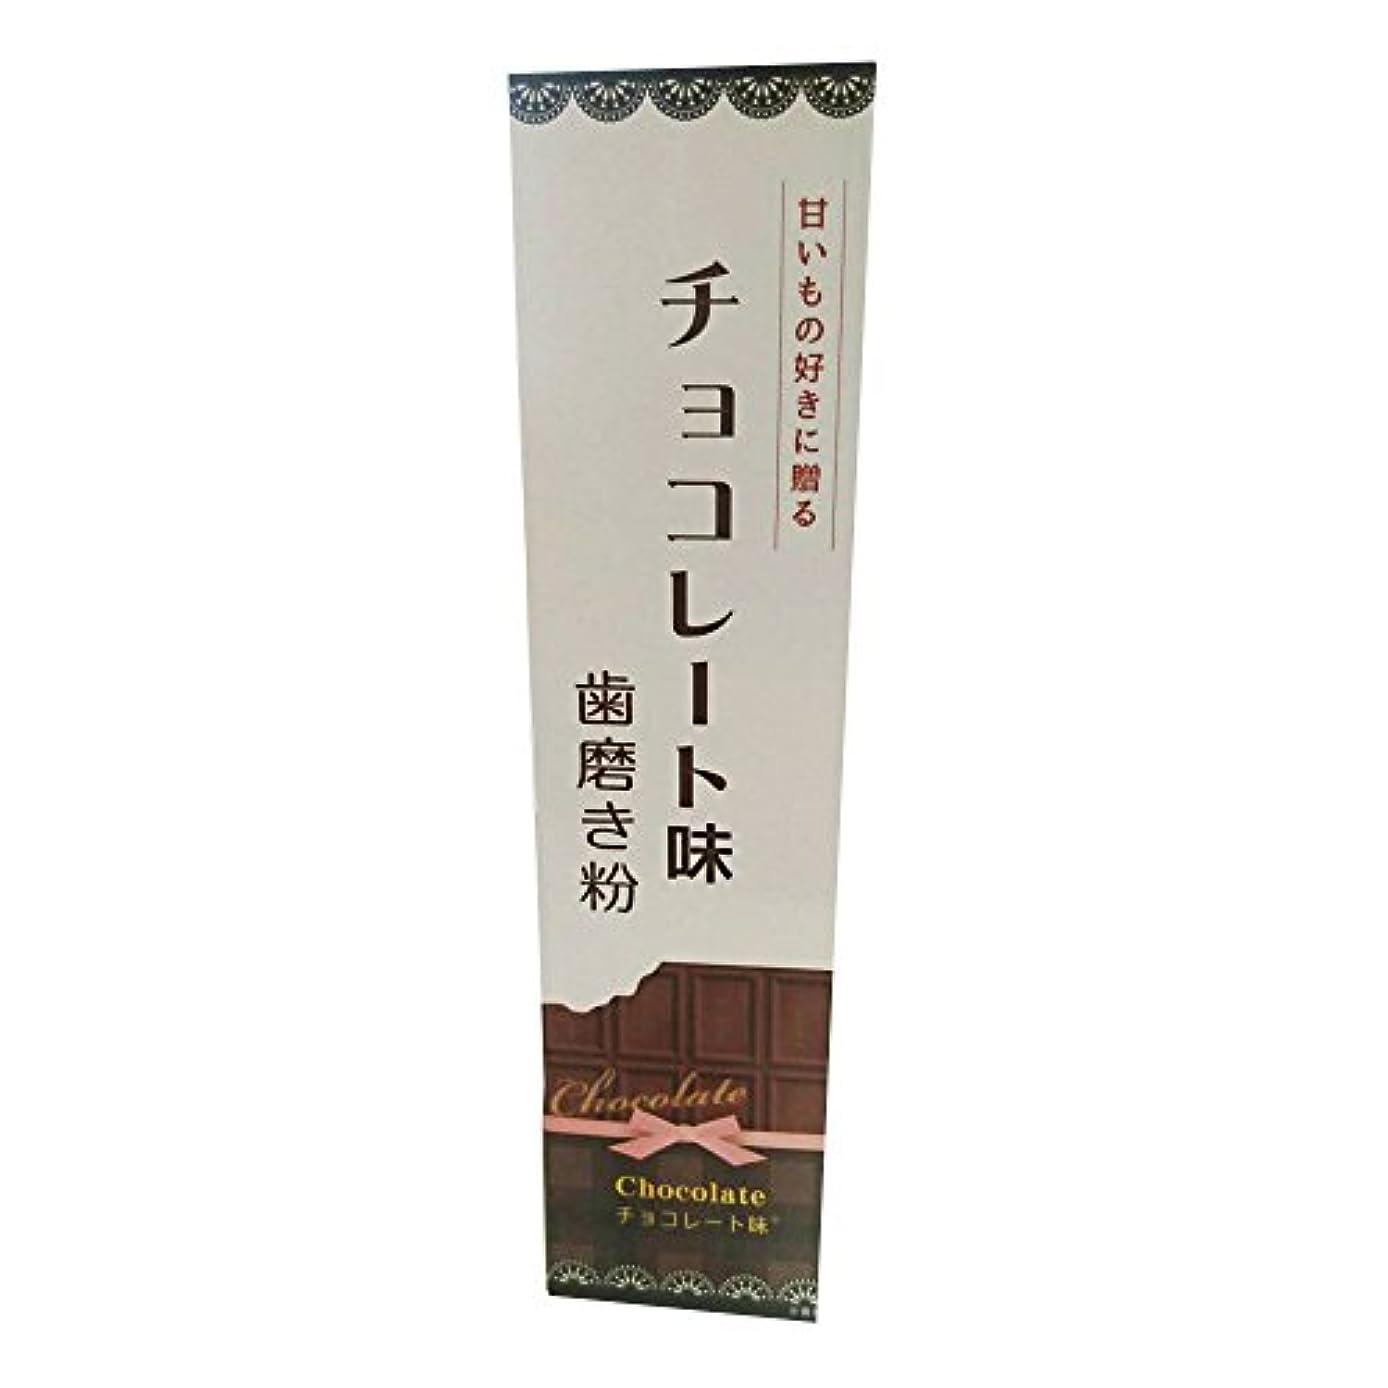 超音速ドレス障害フレーバー歯磨き粉チョコレート味 70g